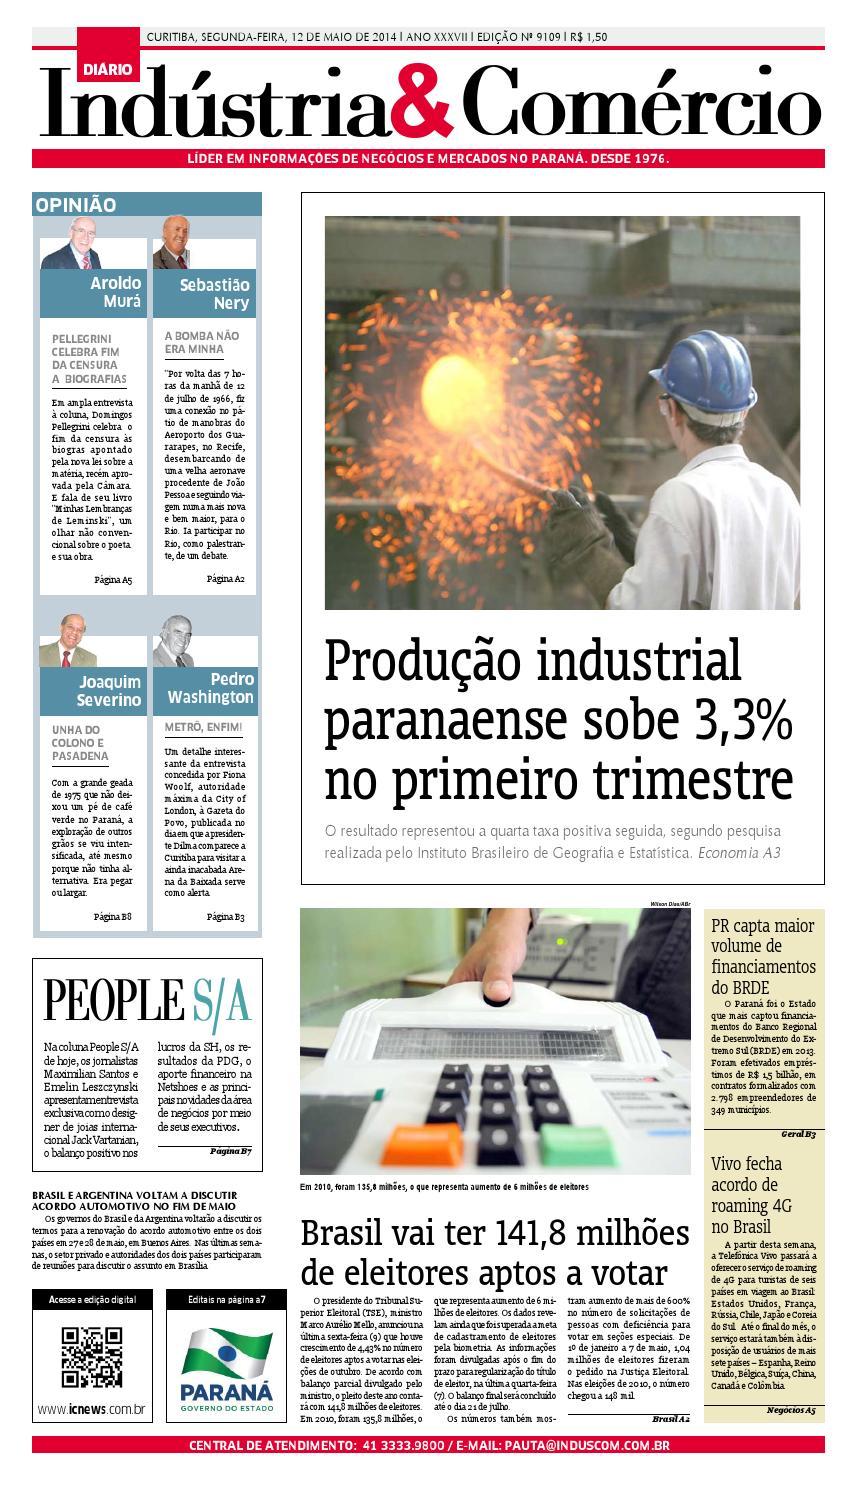 Diário Indústria Comércio by Diário Indústria   Comércio - issuu 13b67aca9fd94